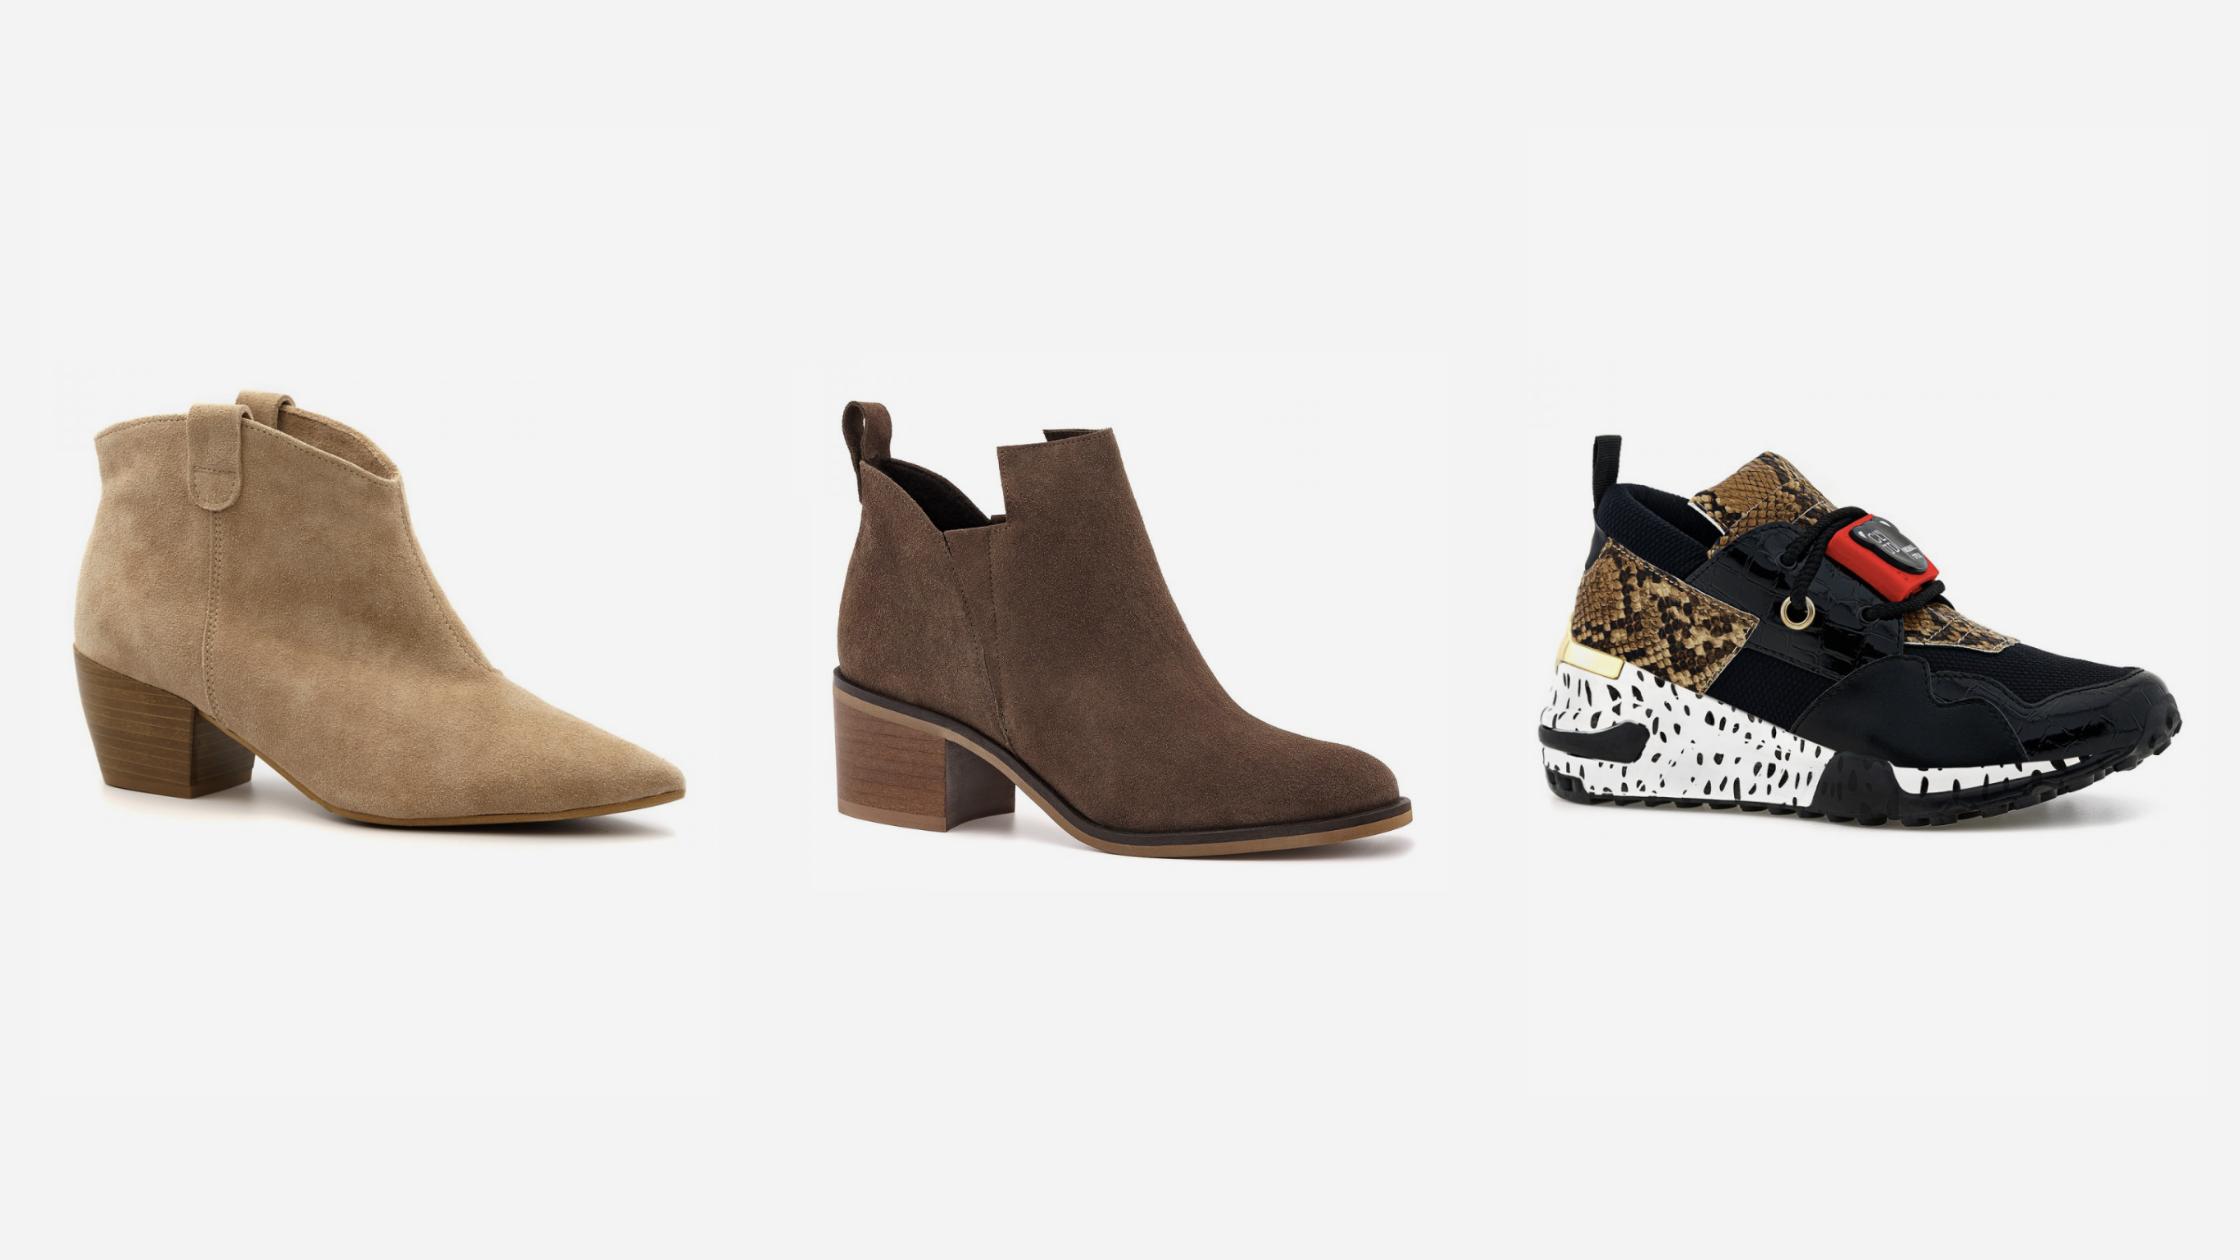 Buty damskie pasujące do dżinsów - sklep internetowy ejka!